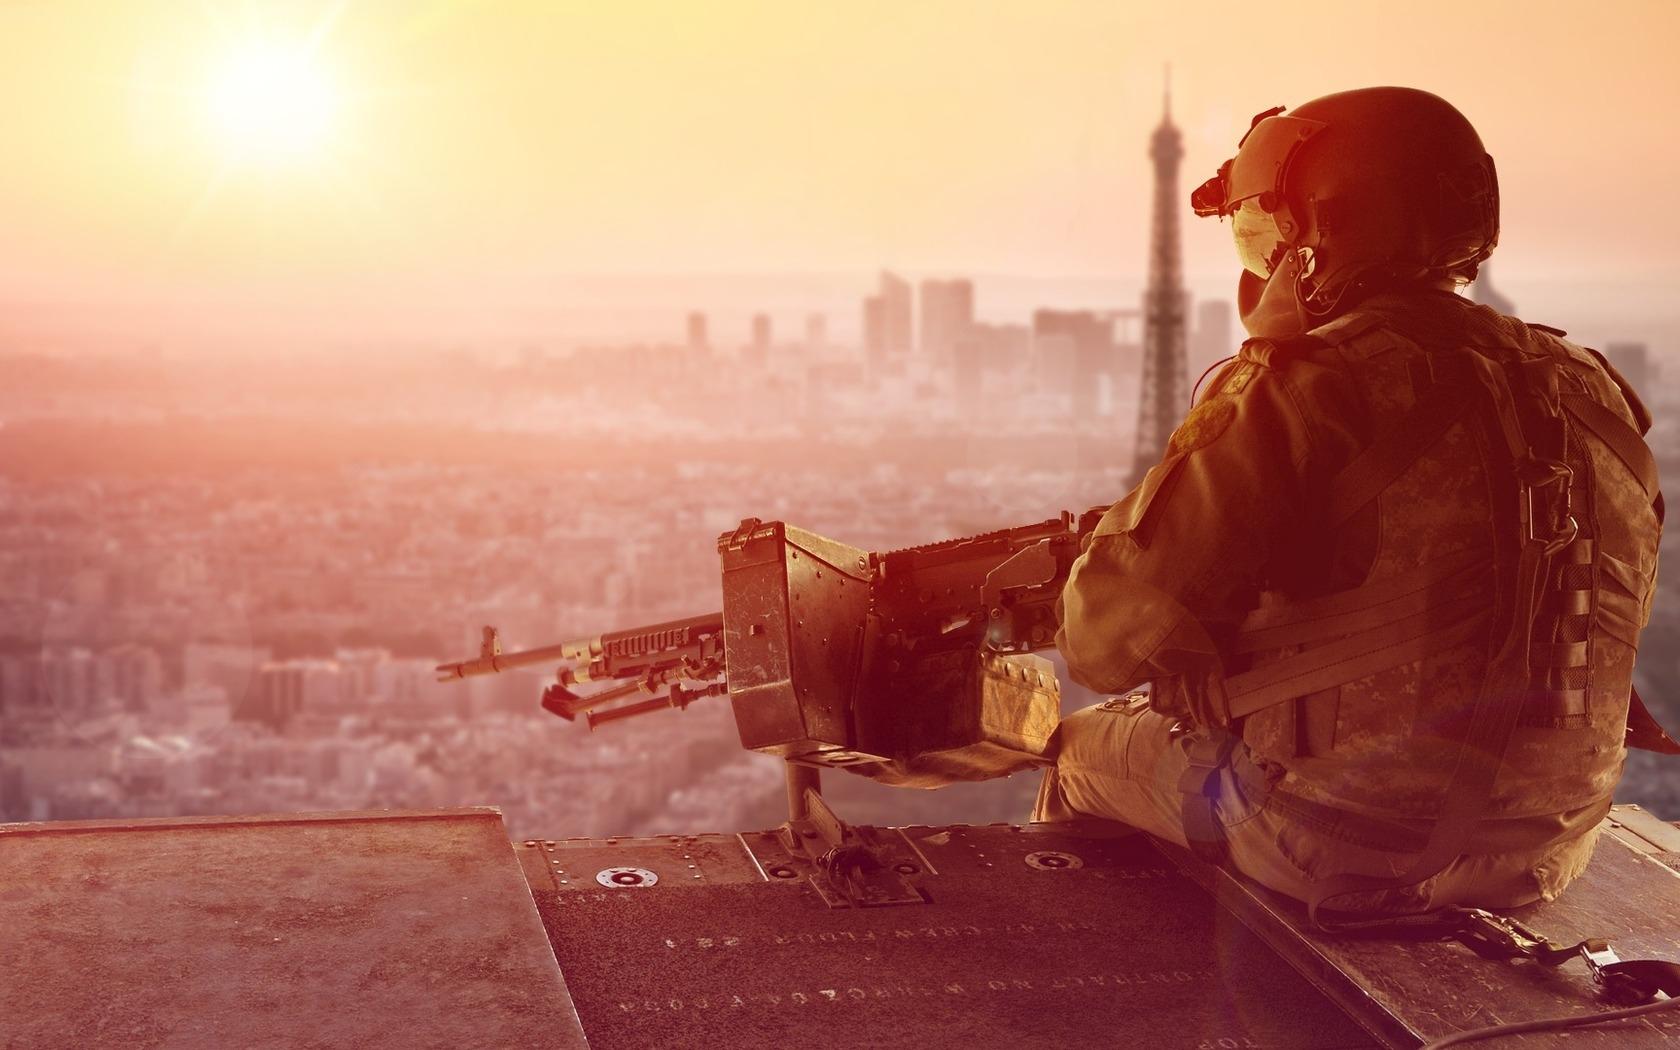 марса является с добрым утром воин картинки российский оперативно-тактический